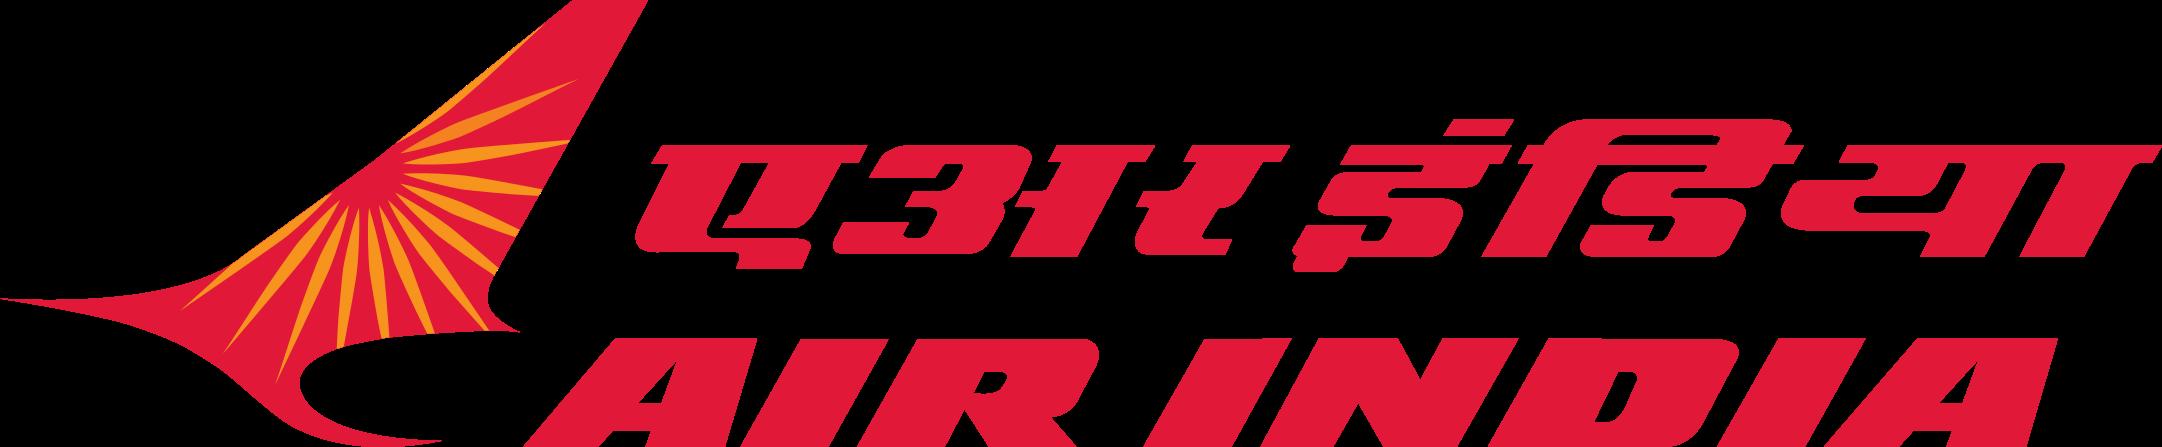 air india logo 1 - Air India Logo